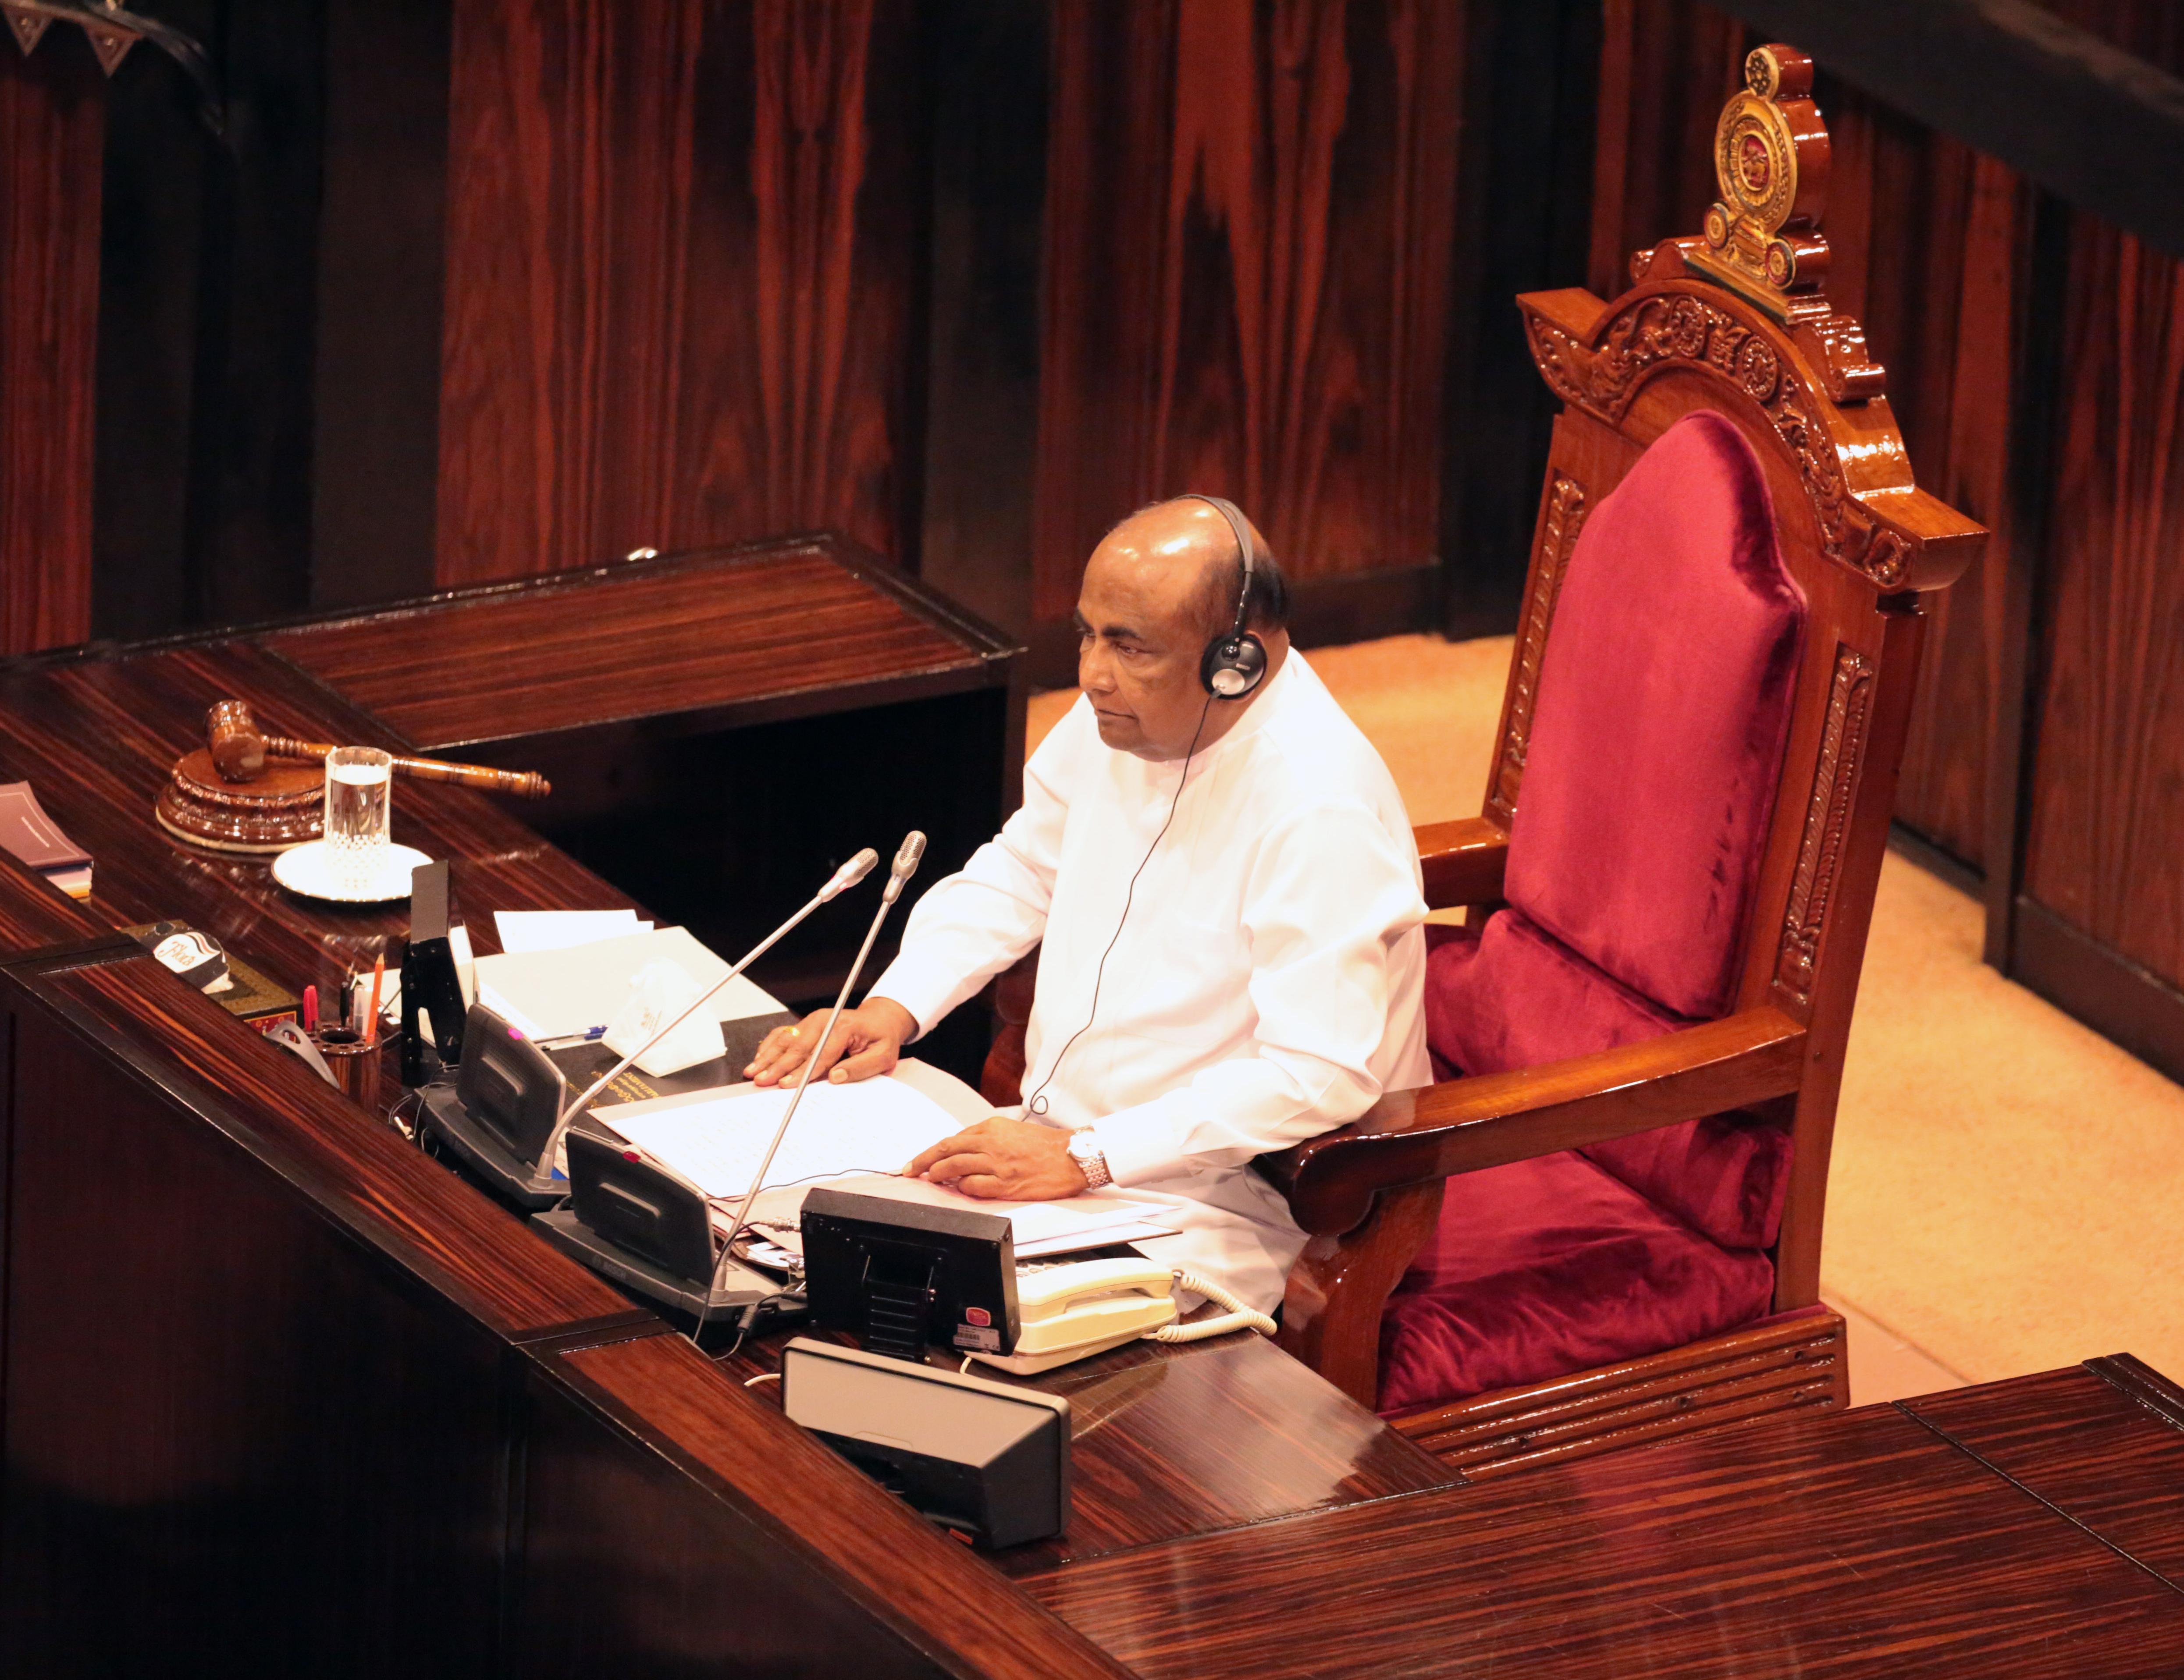 阿贝瓦德纳当选斯里兰卡议会议长